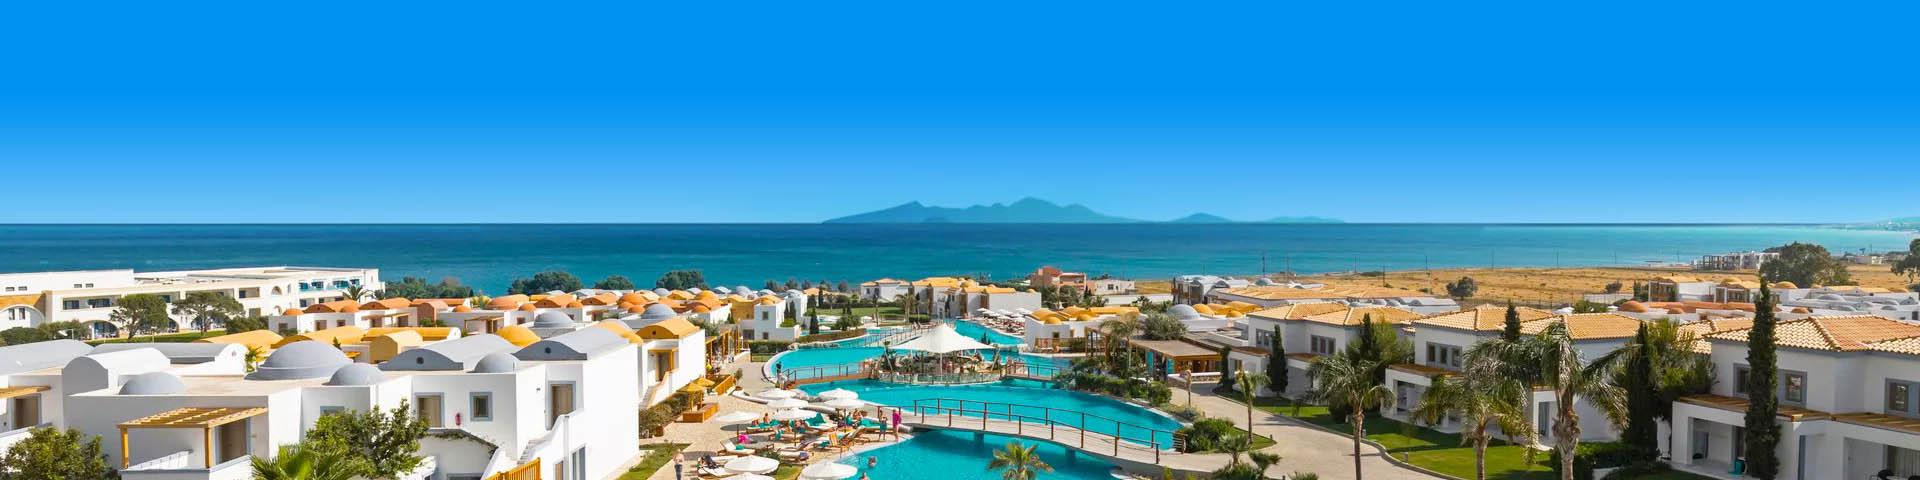 Mitsis hotel met zwembad en uitzicht op zee